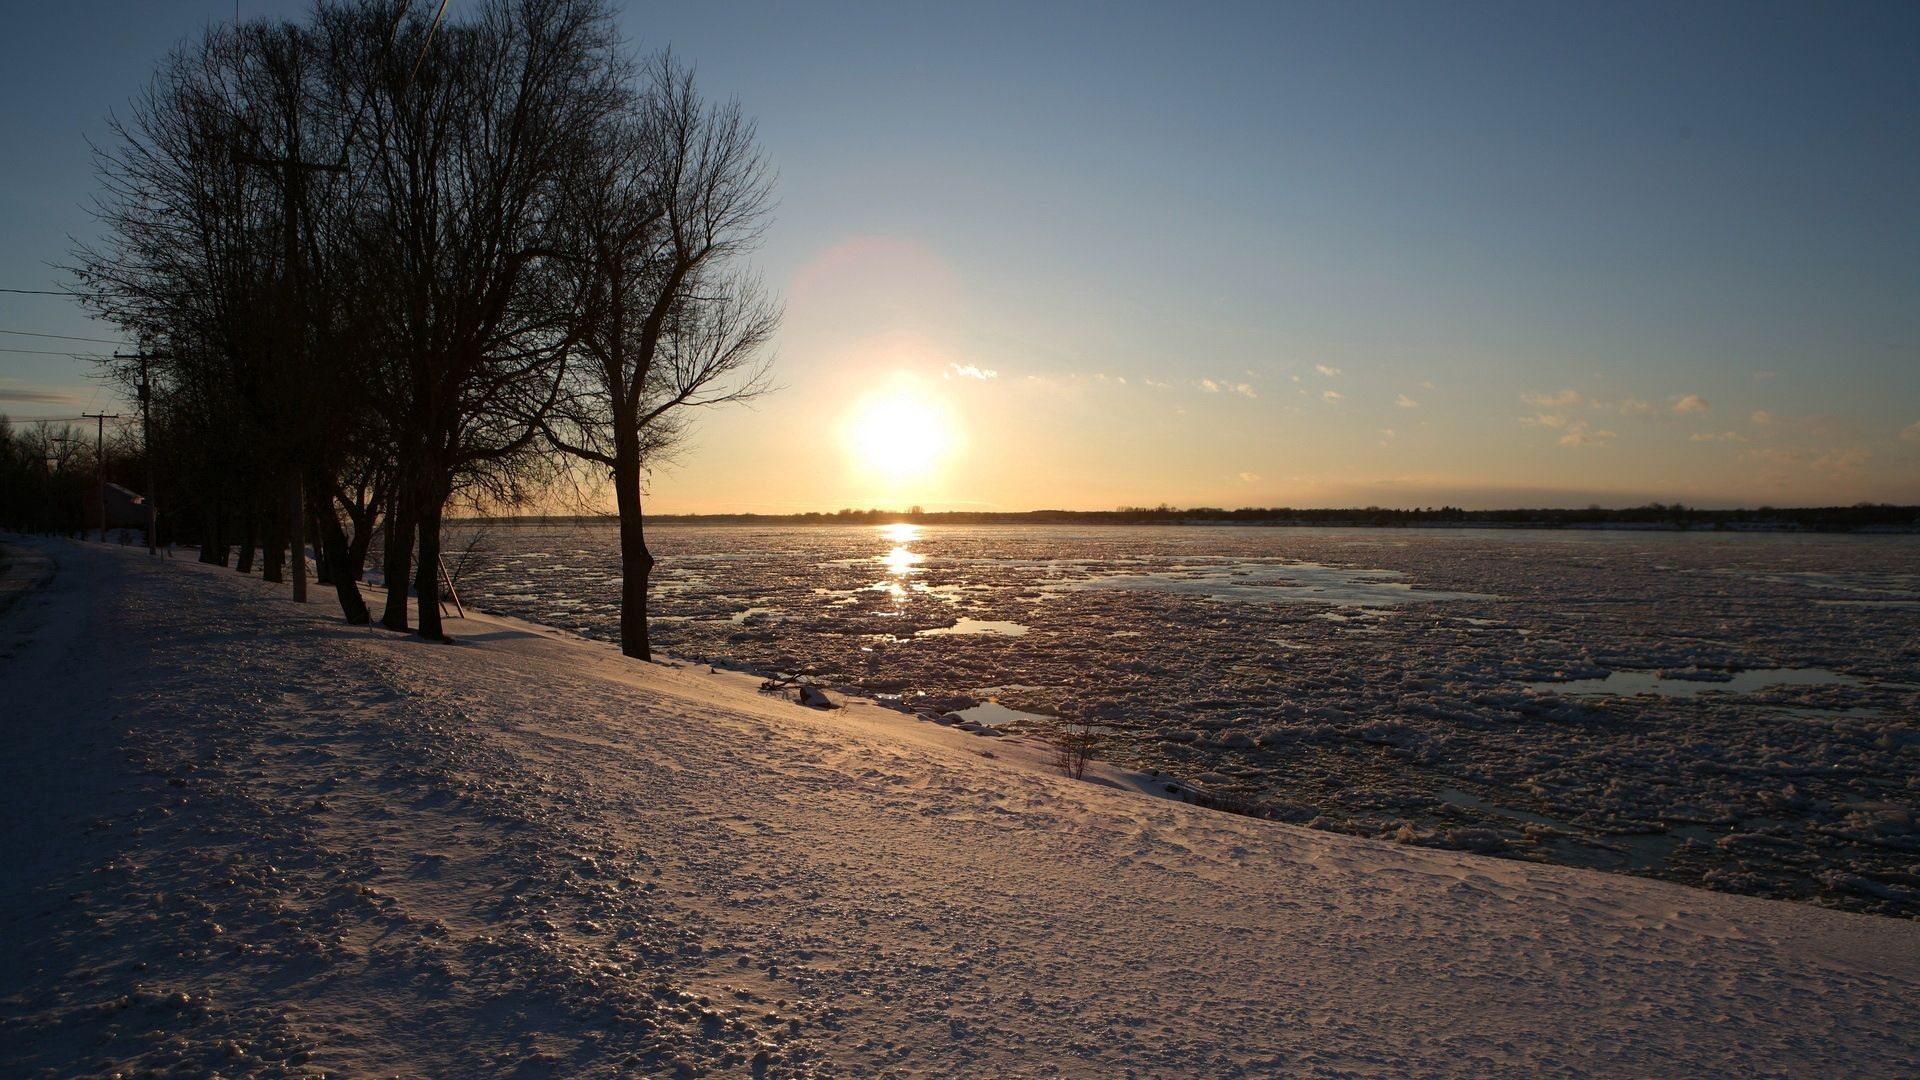 122958 Заставки и Обои Лед на телефон. Скачать Лед, Природа, Река, Солнце, Блеск, Весна, Таяние картинки бесплатно